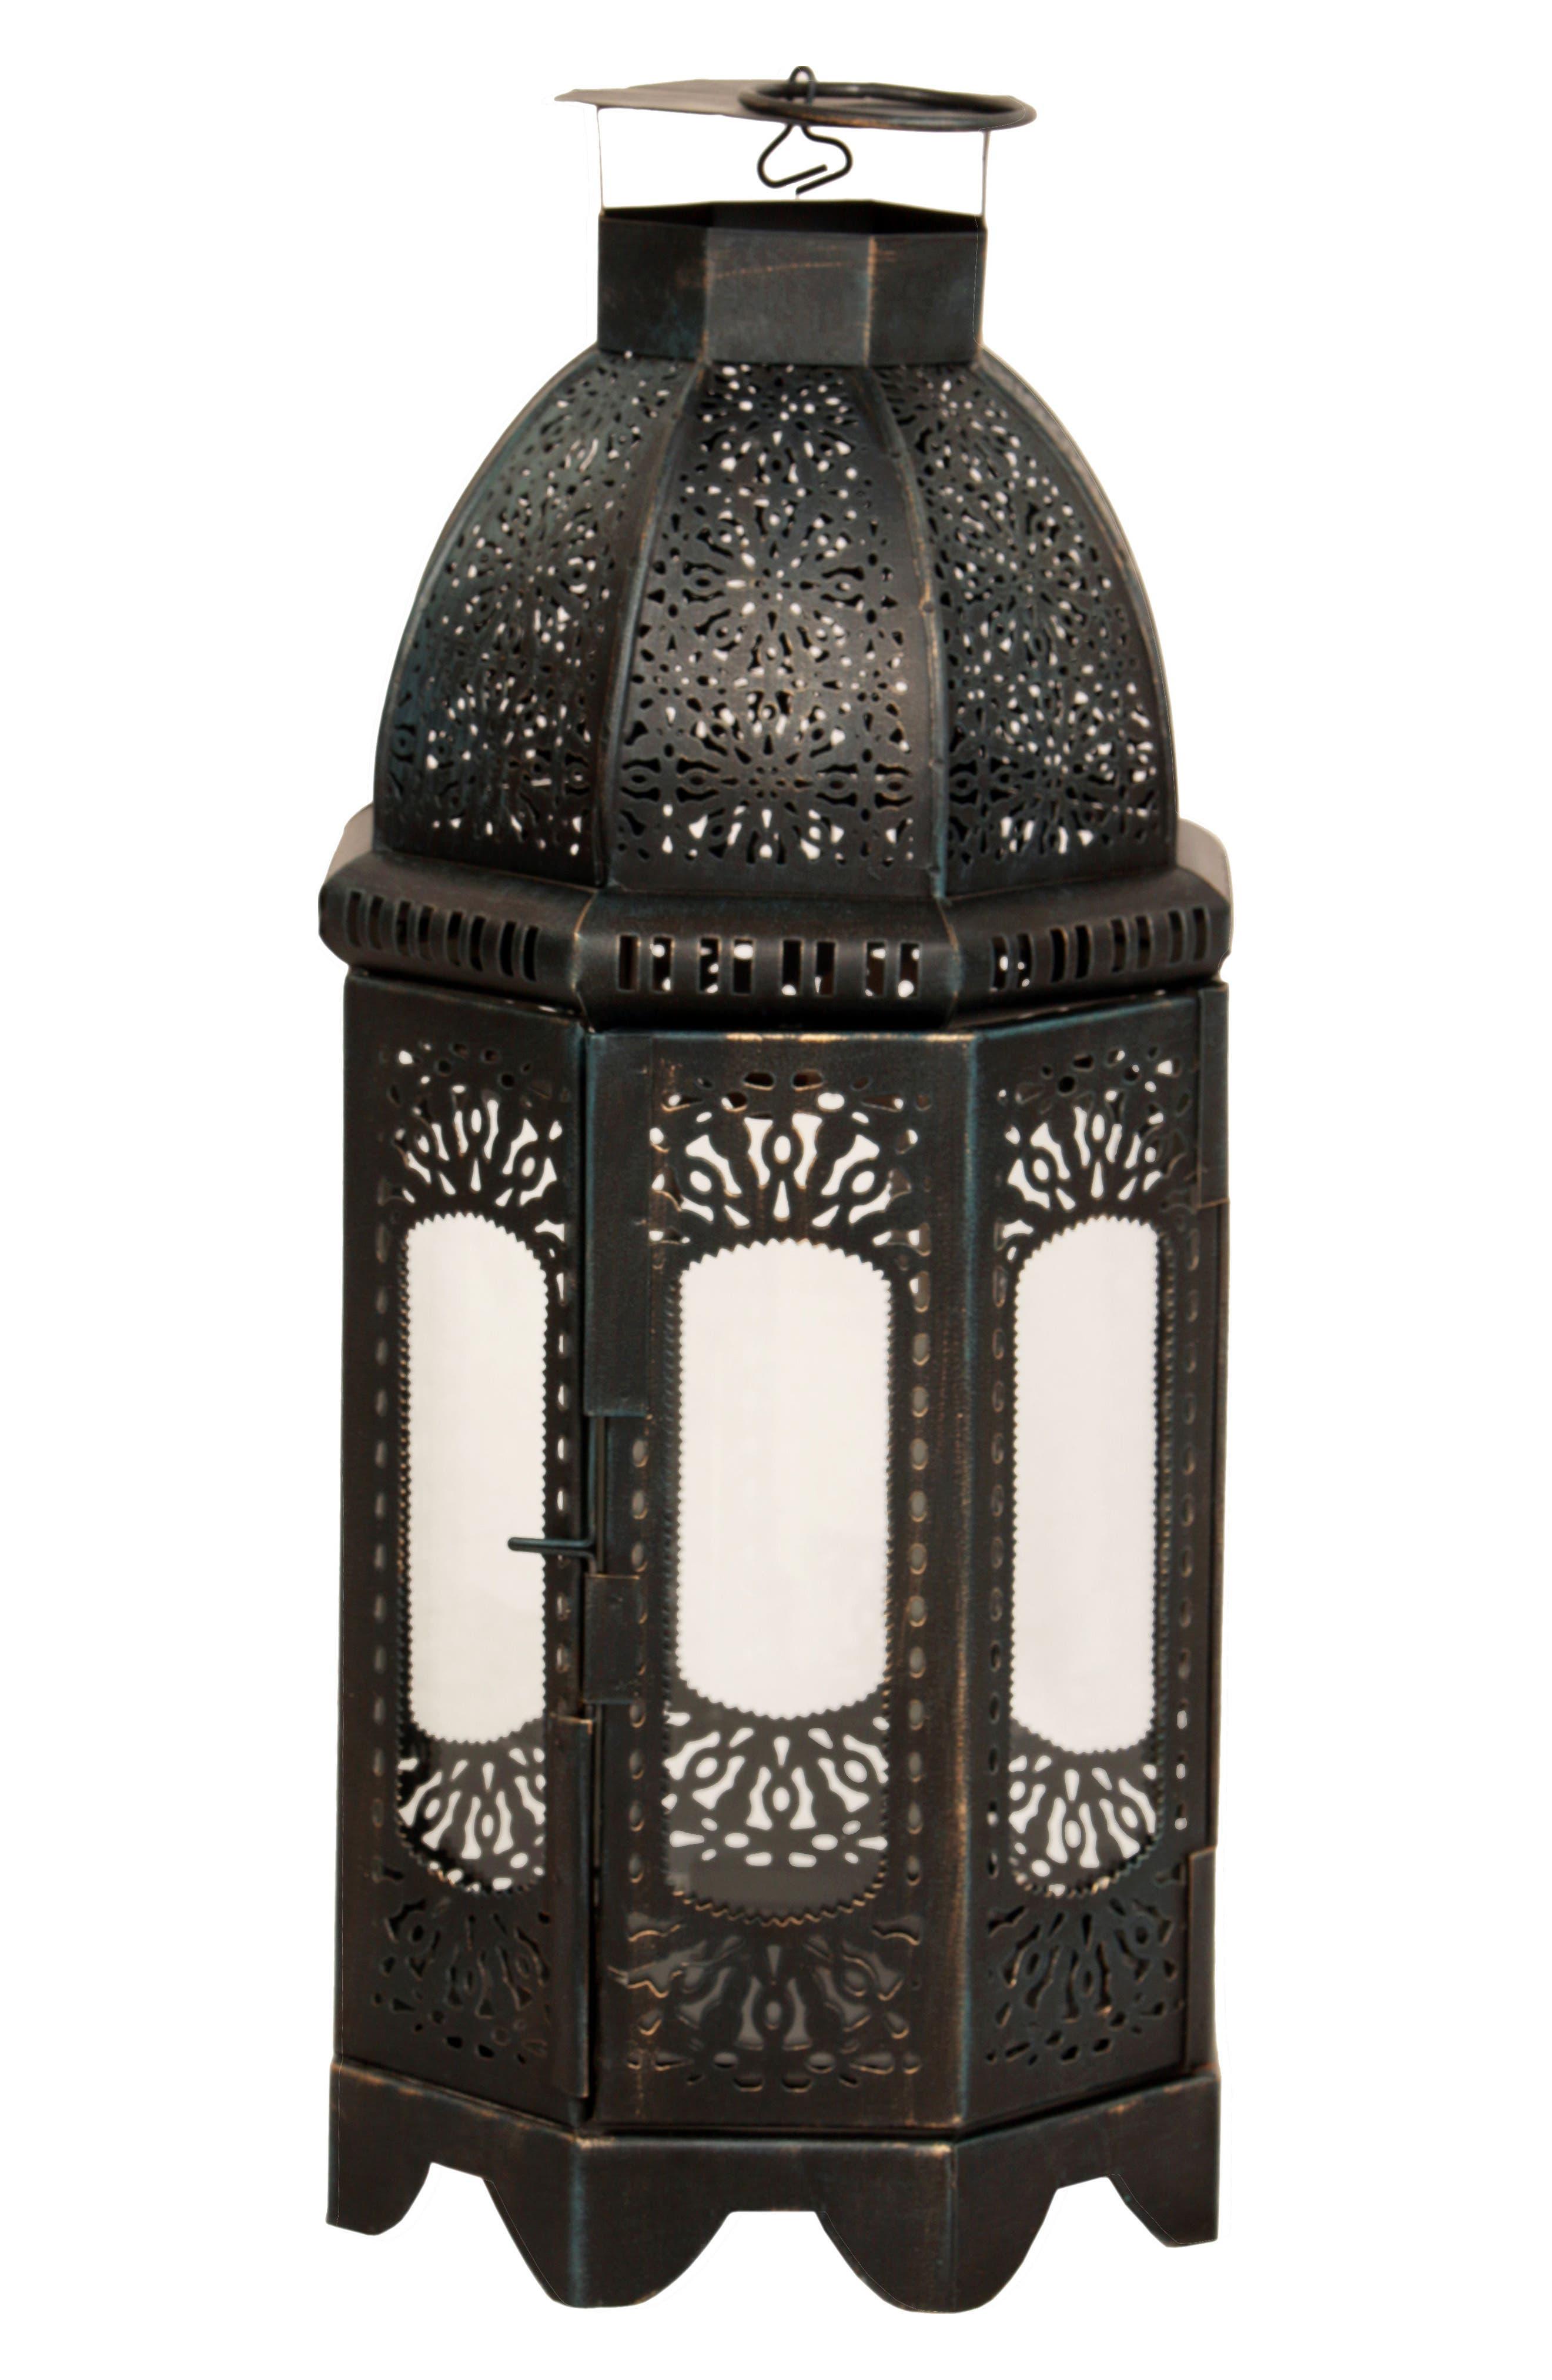 Main Image - Renwil Carriage II Lantern